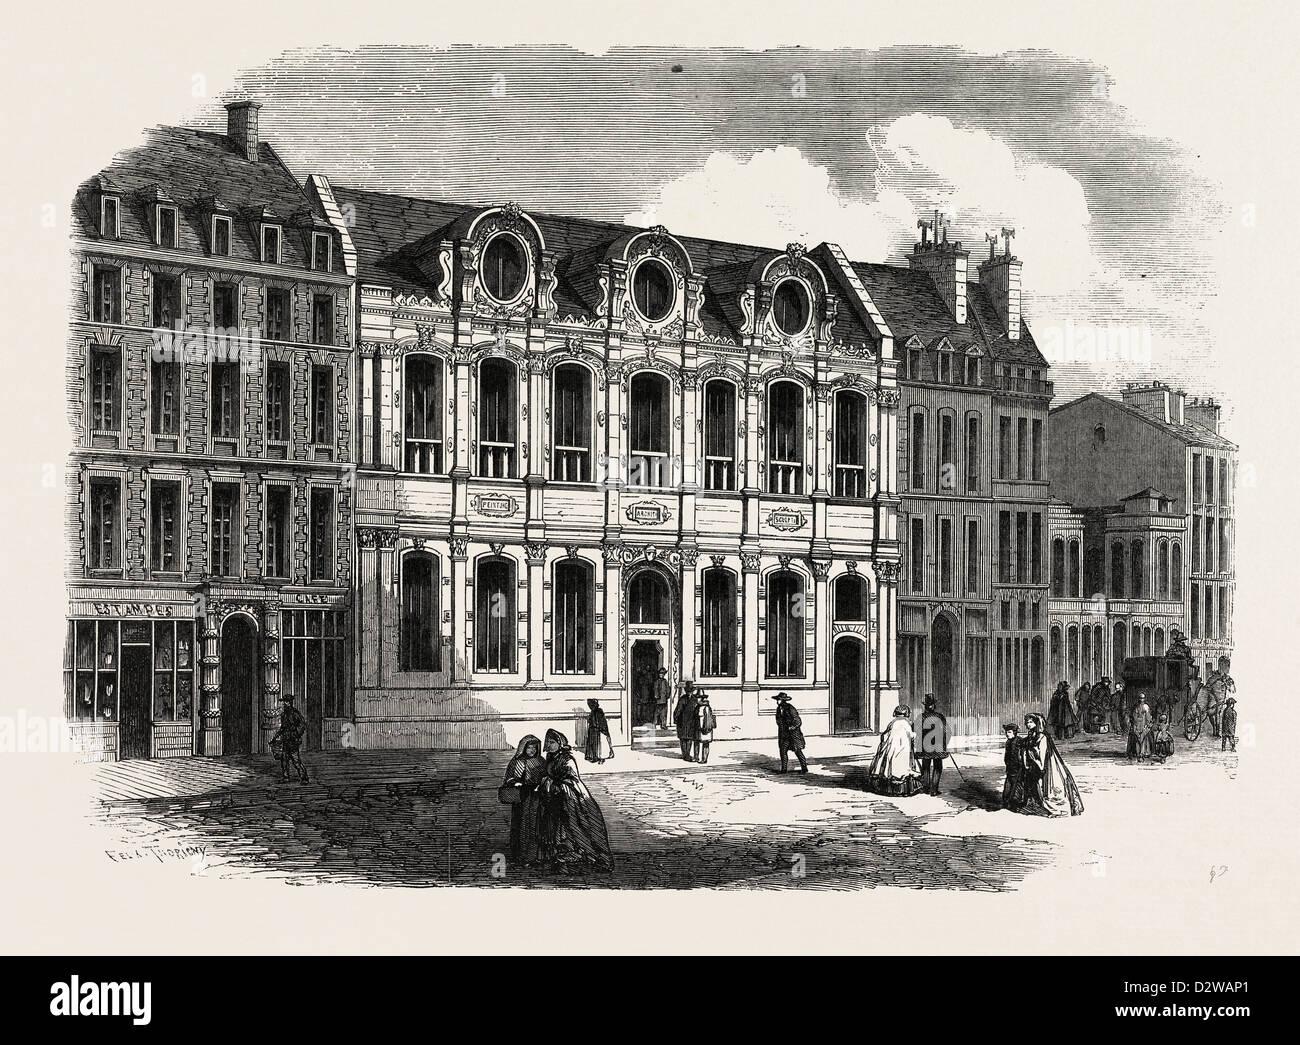 La nuova facciata della scuola di Belle Arti di Parigi FRANCIA Immagini Stock